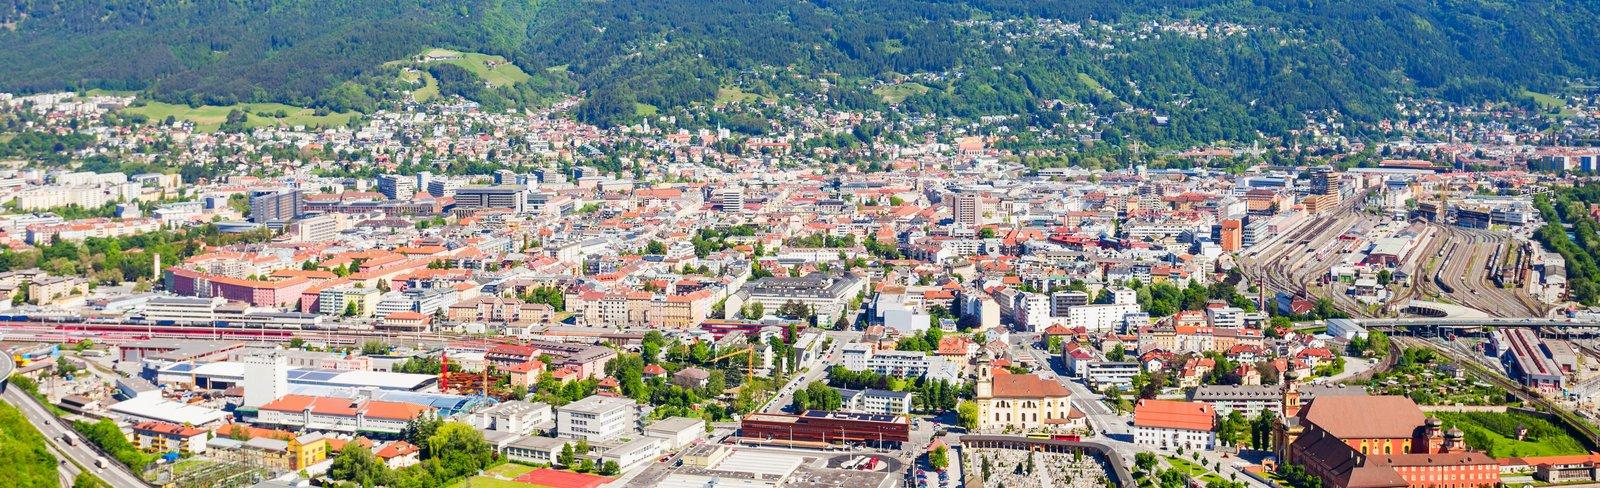 Panonarmafoto von Innsbruck